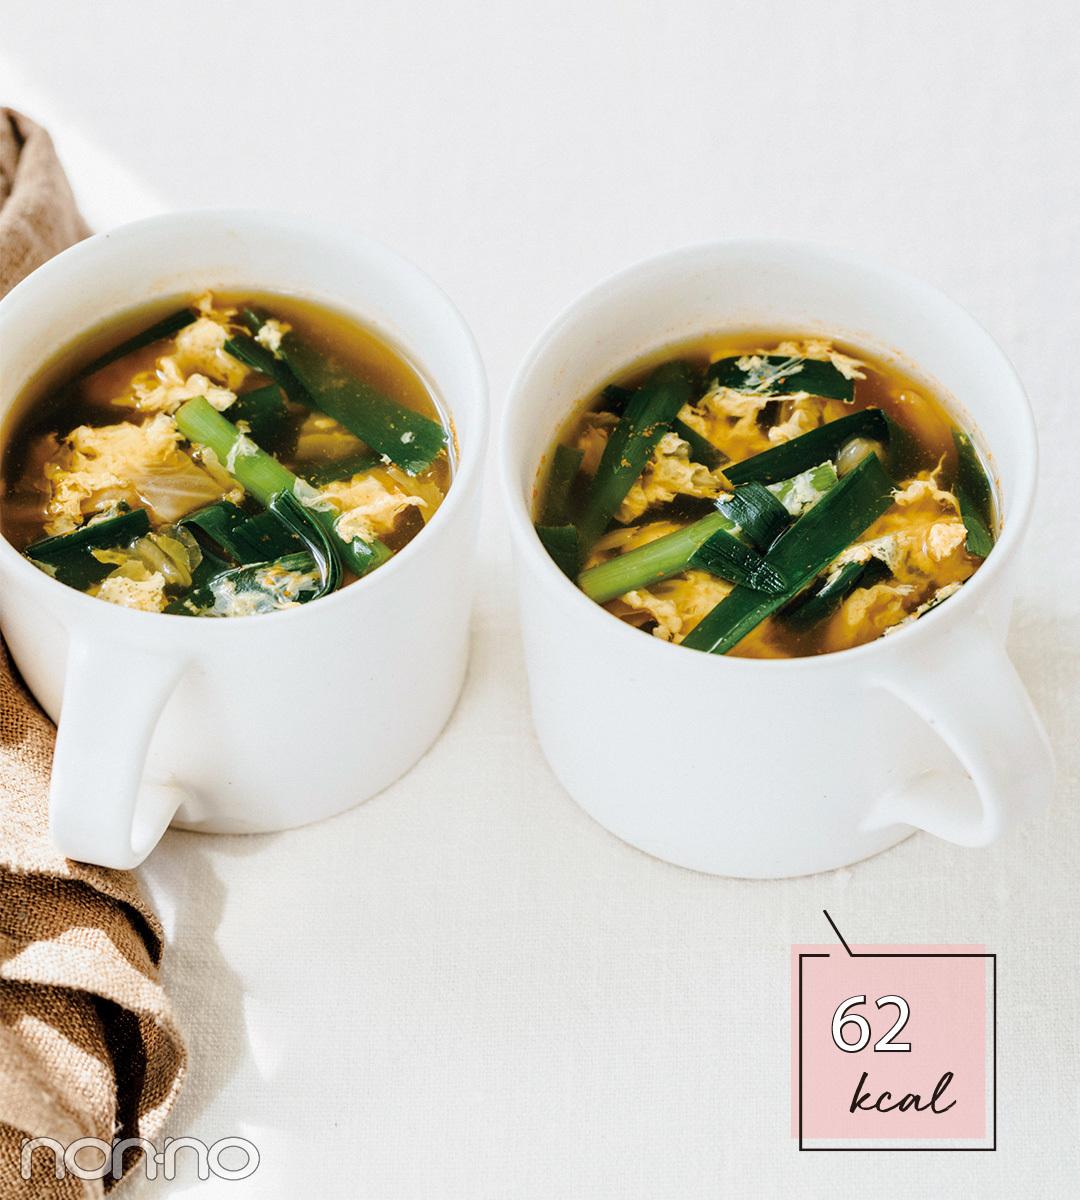 痩せたいのに食べたい人もOK♡ 糖質オフの体あっためスープで脂肪燃焼!_1_3